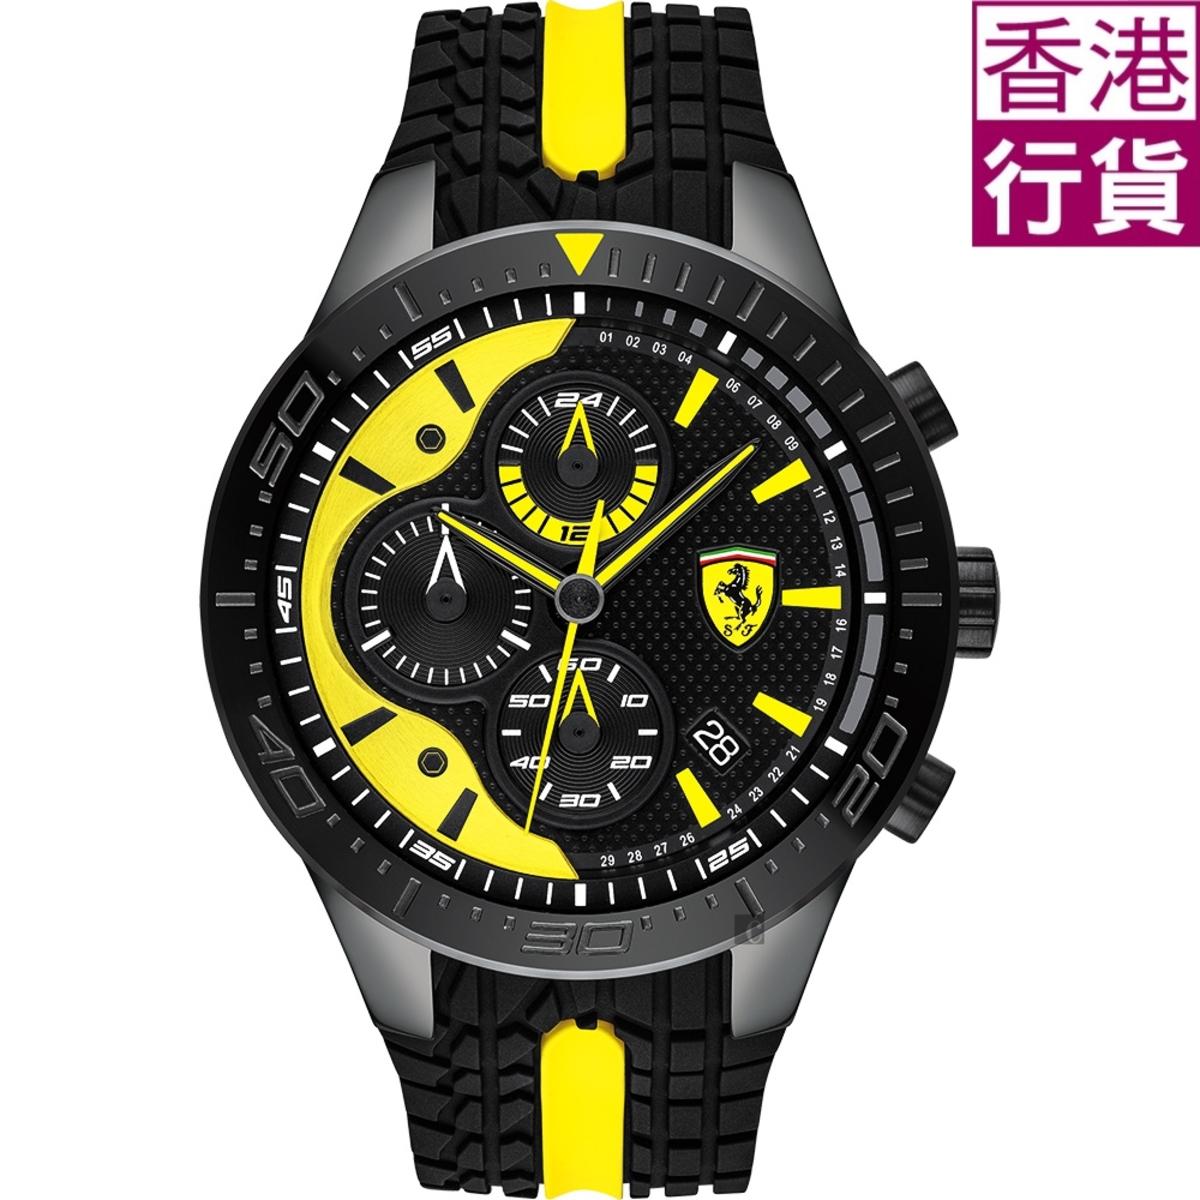 Men's Watch (Model: 0830590) 2-year Official Warranty